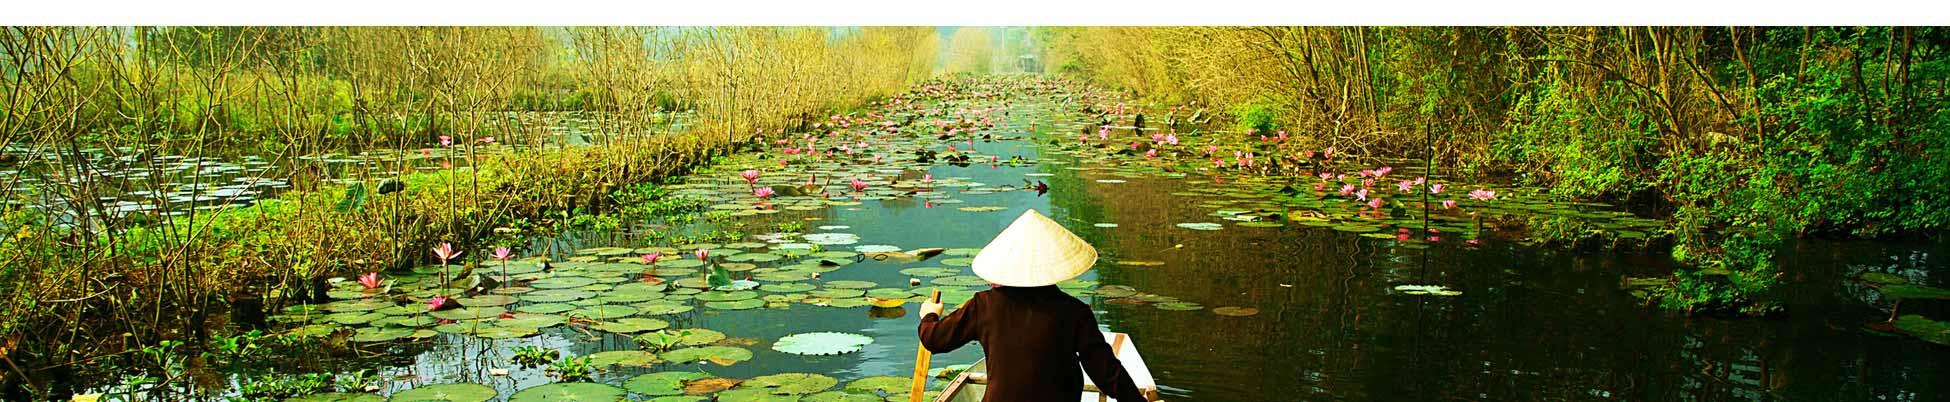 vietnam-hanoi-pirogue